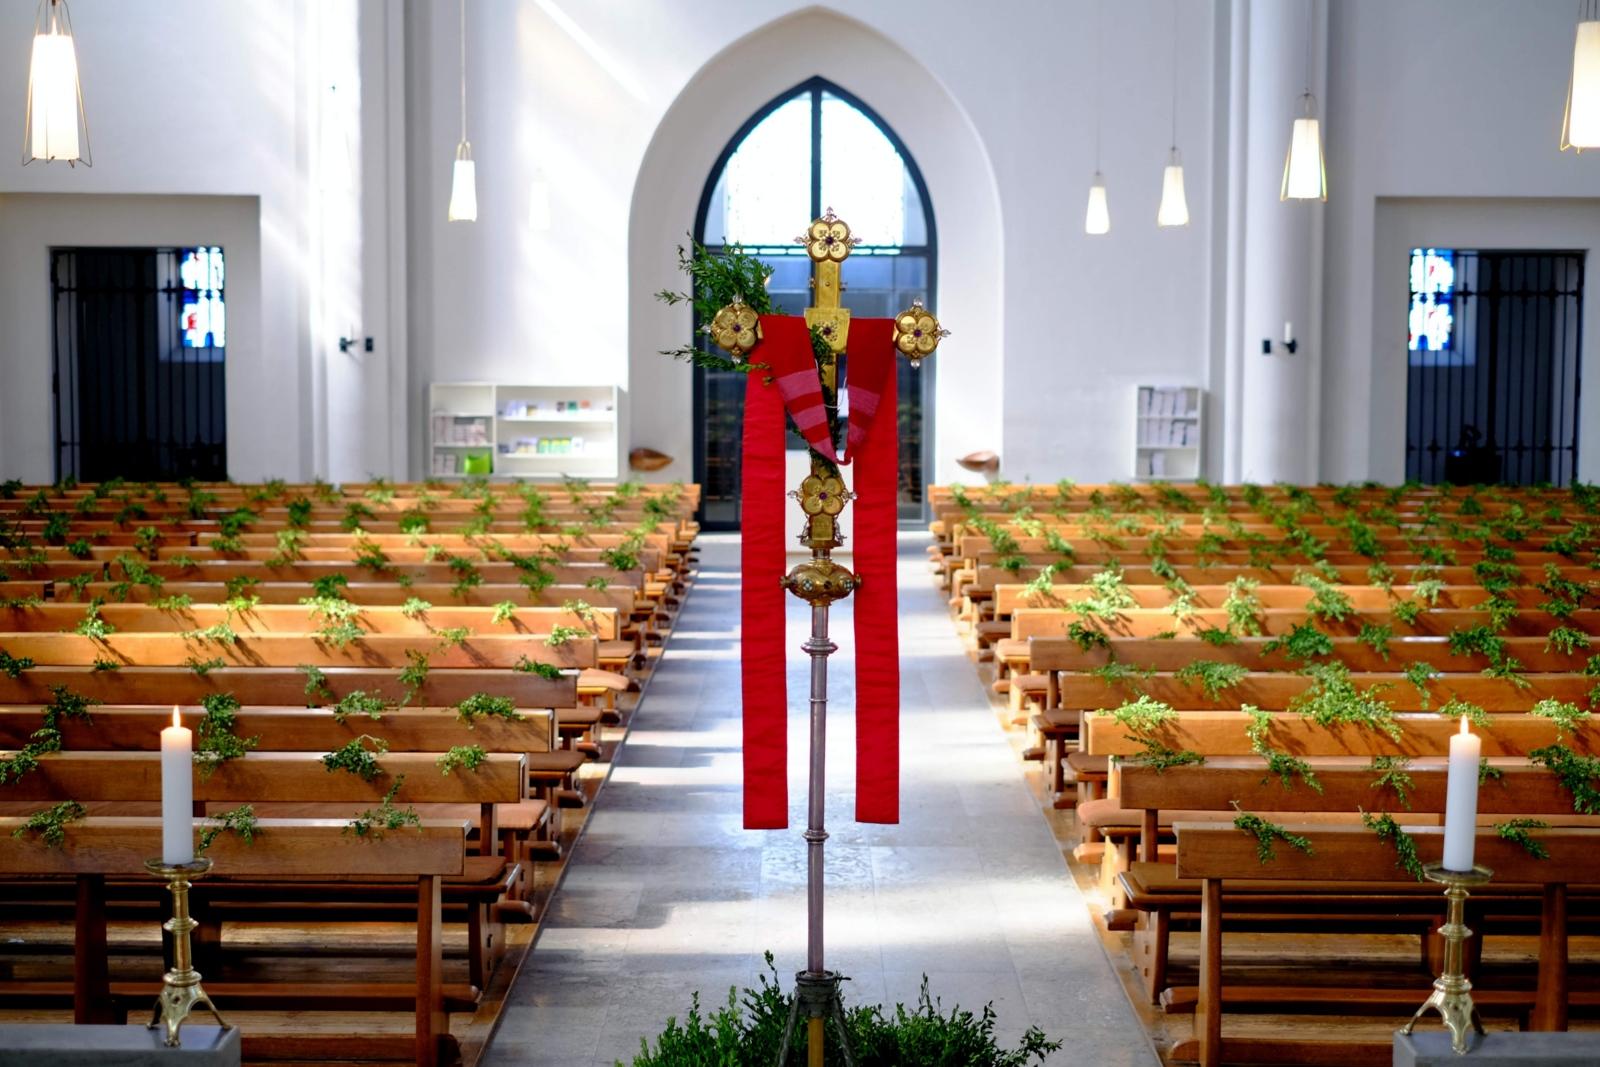 Katholische Kirche Derendorf Pempelfort in Düsseldorf